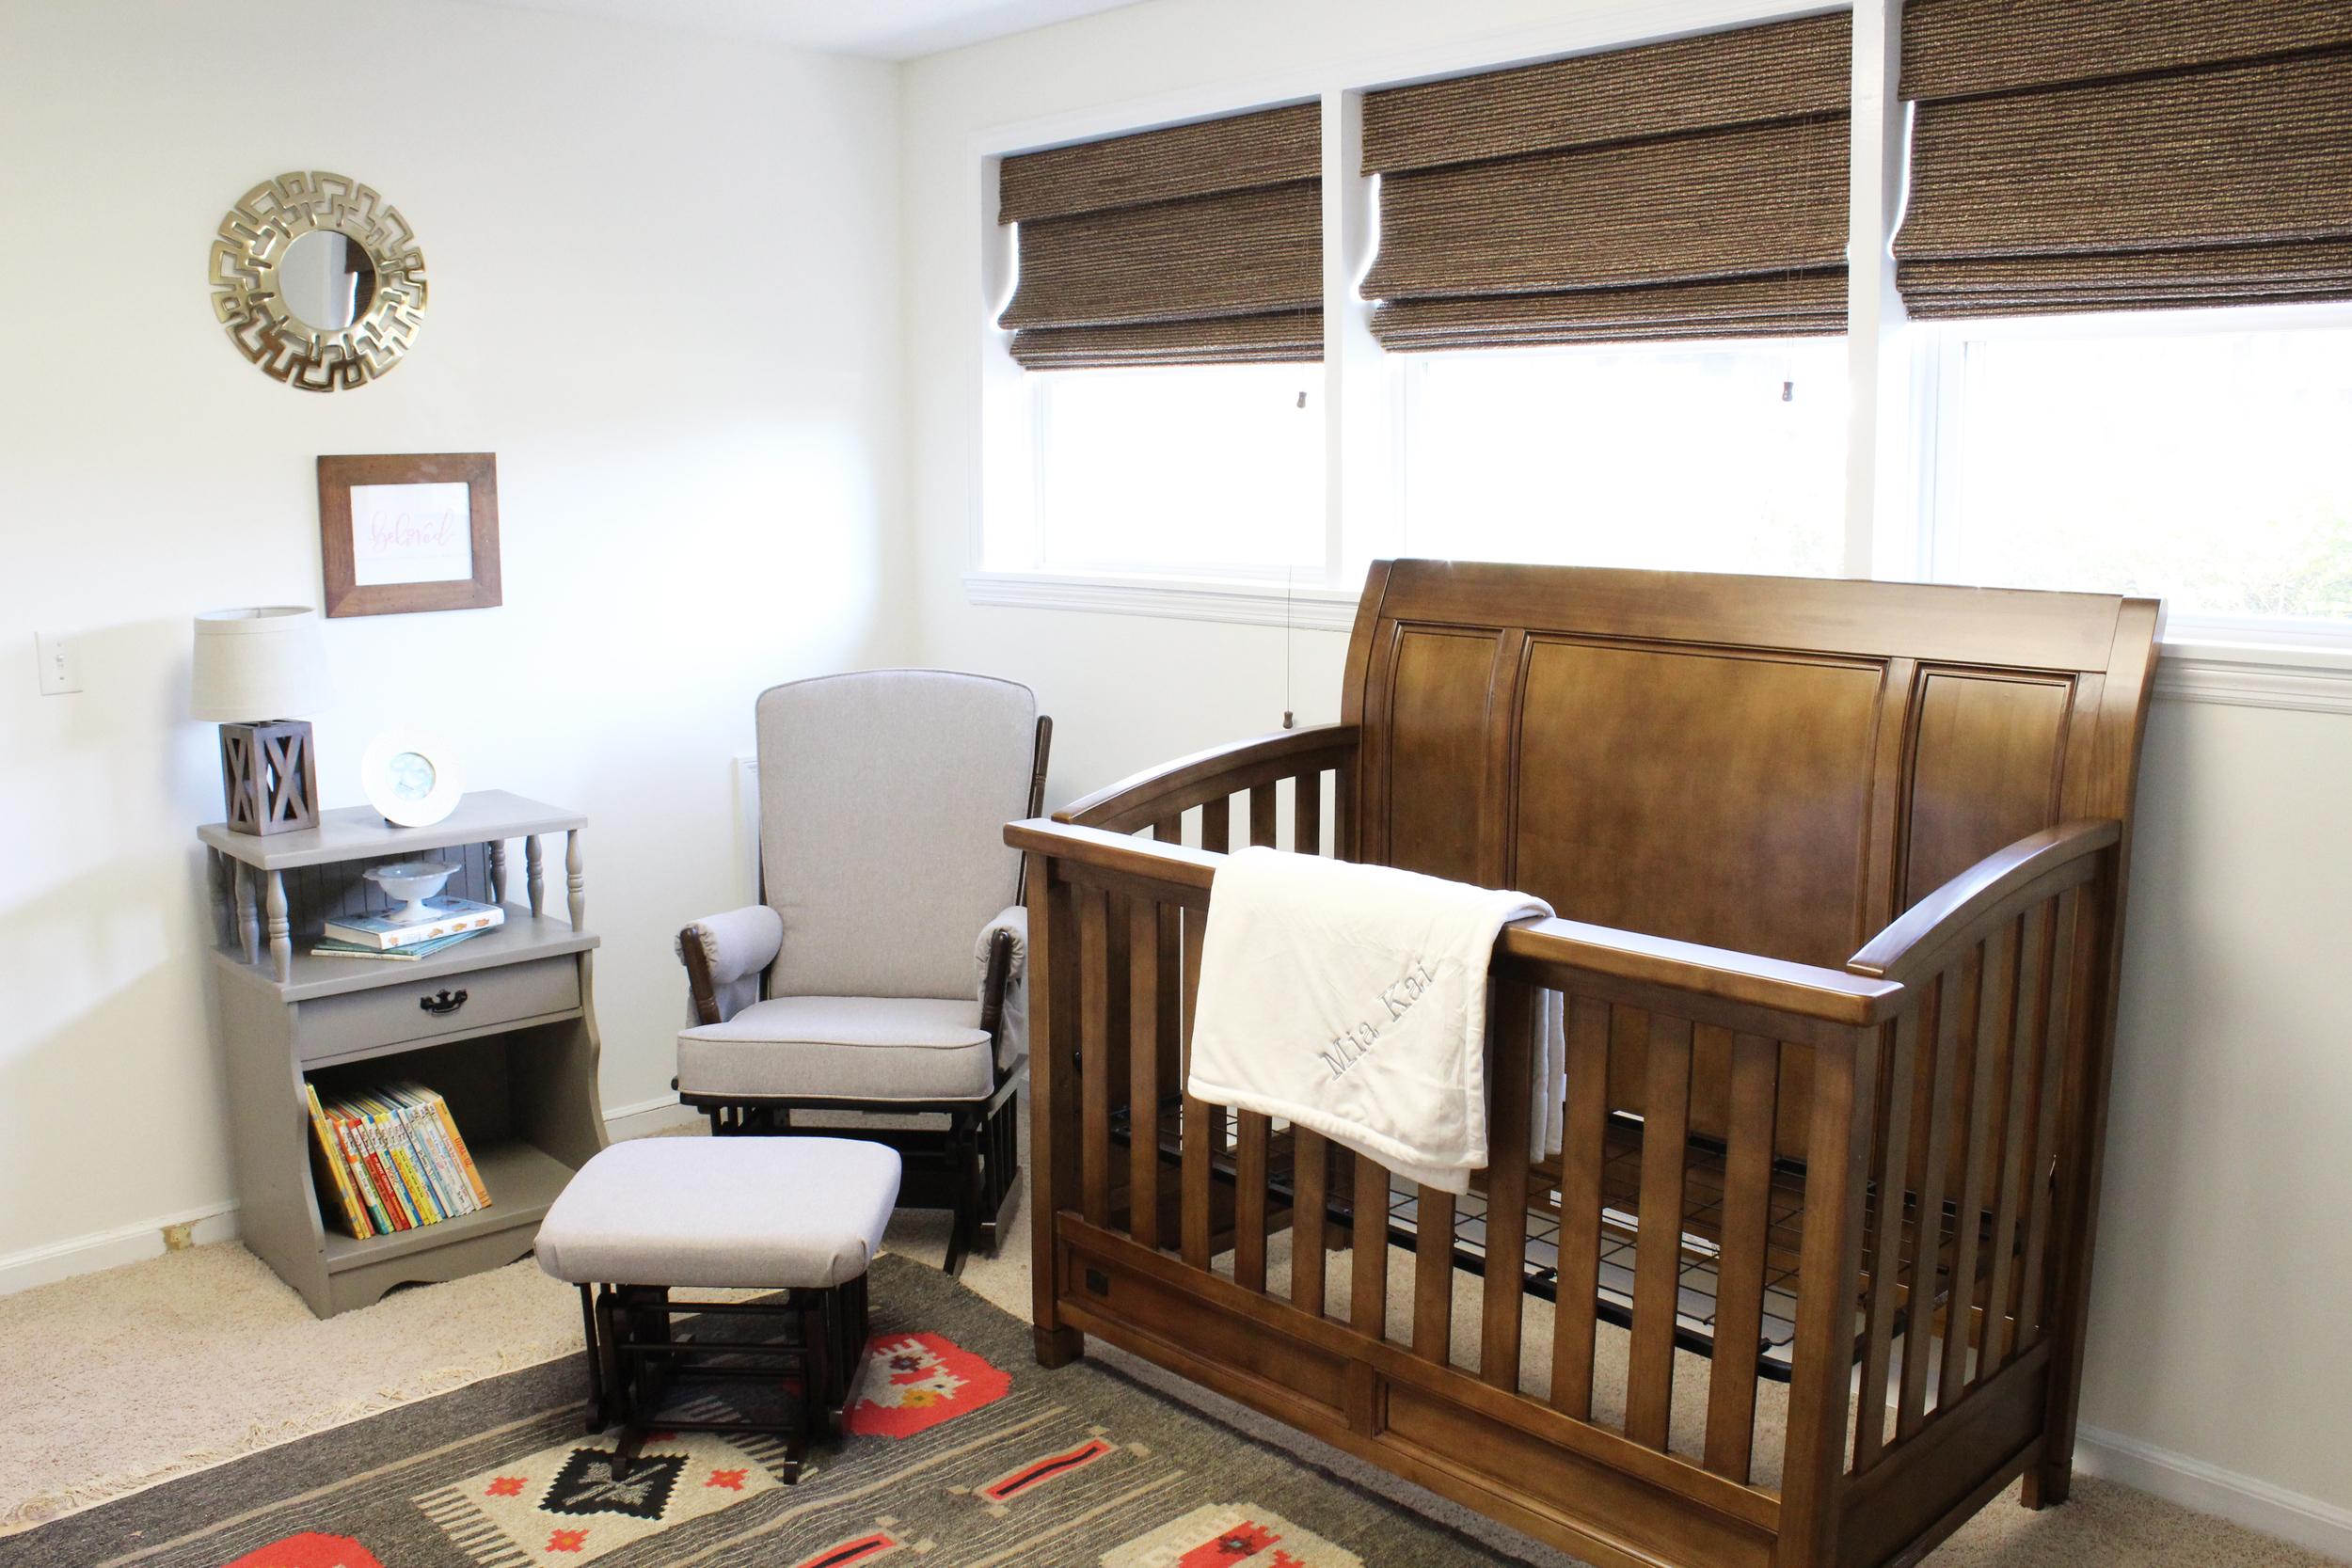 Nursery for Sweet Girl // via Jitney's Journeys